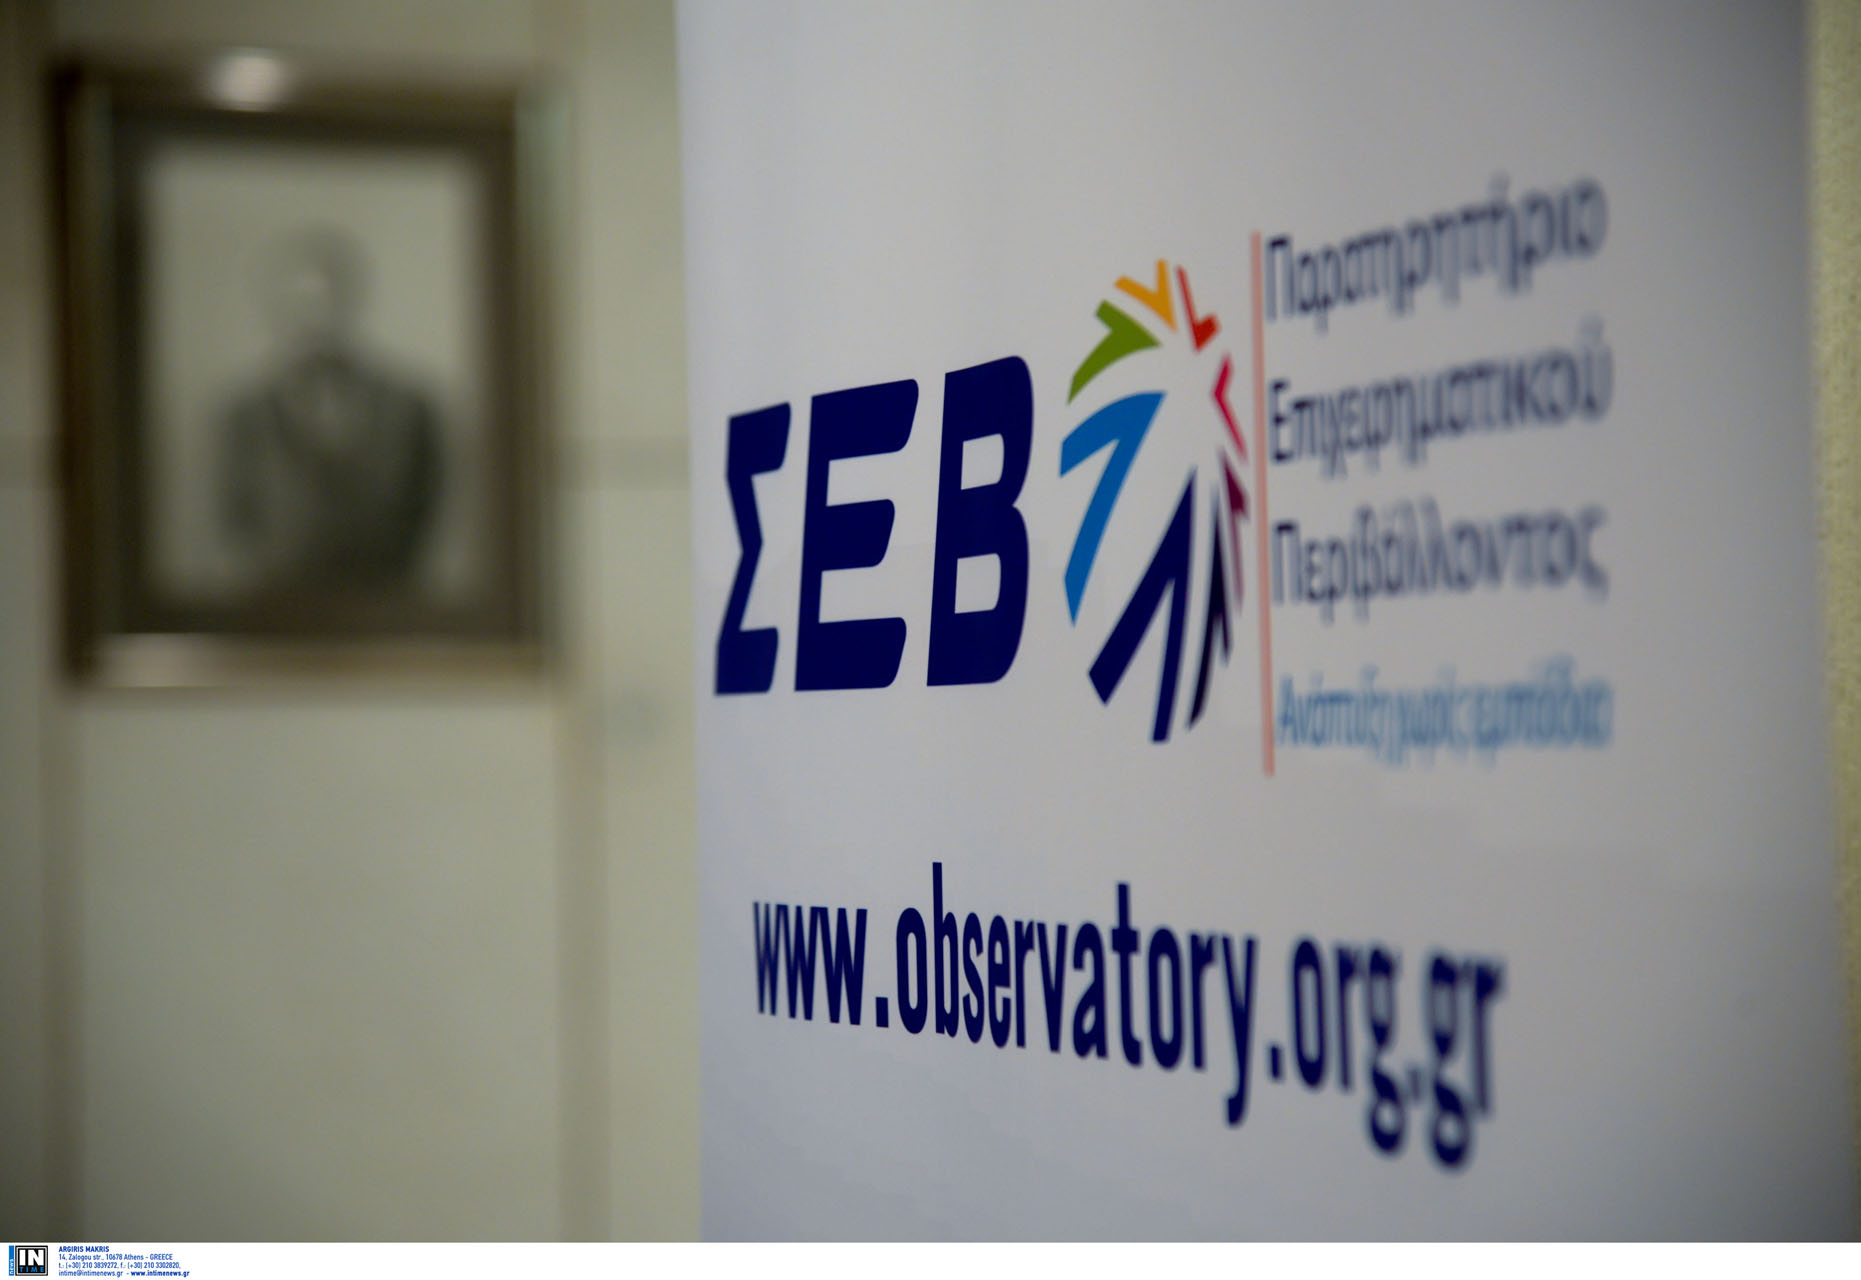 ΣΕΒ: Επτά στους δέκα εργαζόμενους απασχολούνται σε 20 επαγγέλματα